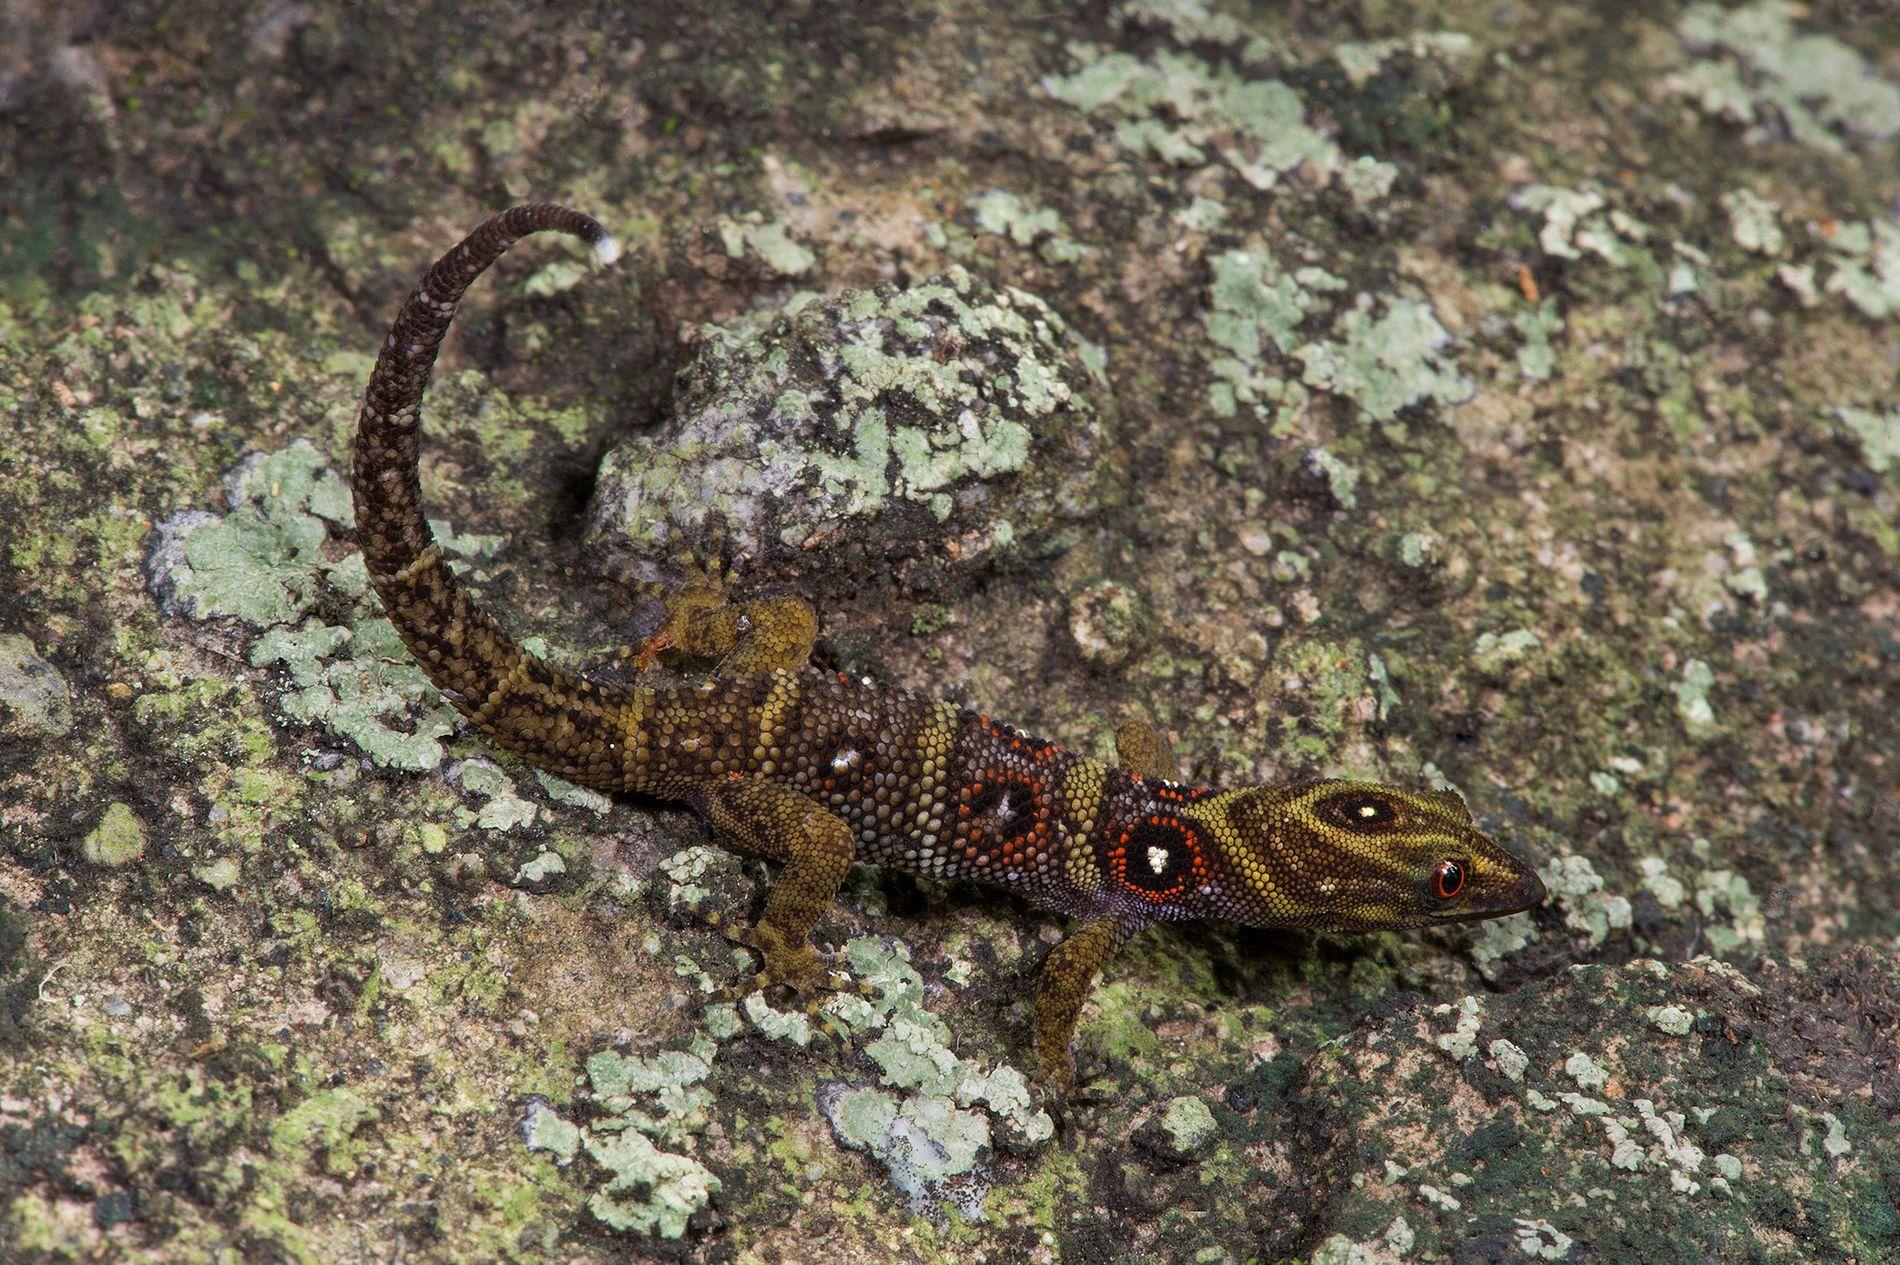 Le gecko de l'île d'Union a été présenté scientifiquement pour la première fois en 2005. Depuis, les braconniers ont passé de nombreux spécimens en contrebande de Saint-Vincent et les Grenadines afin de les proposer sur le marché des animaux domestiques. Aujourd'hui, le nombre de représentants de cette espèce pourrait ne pas dépasser les 10 000.